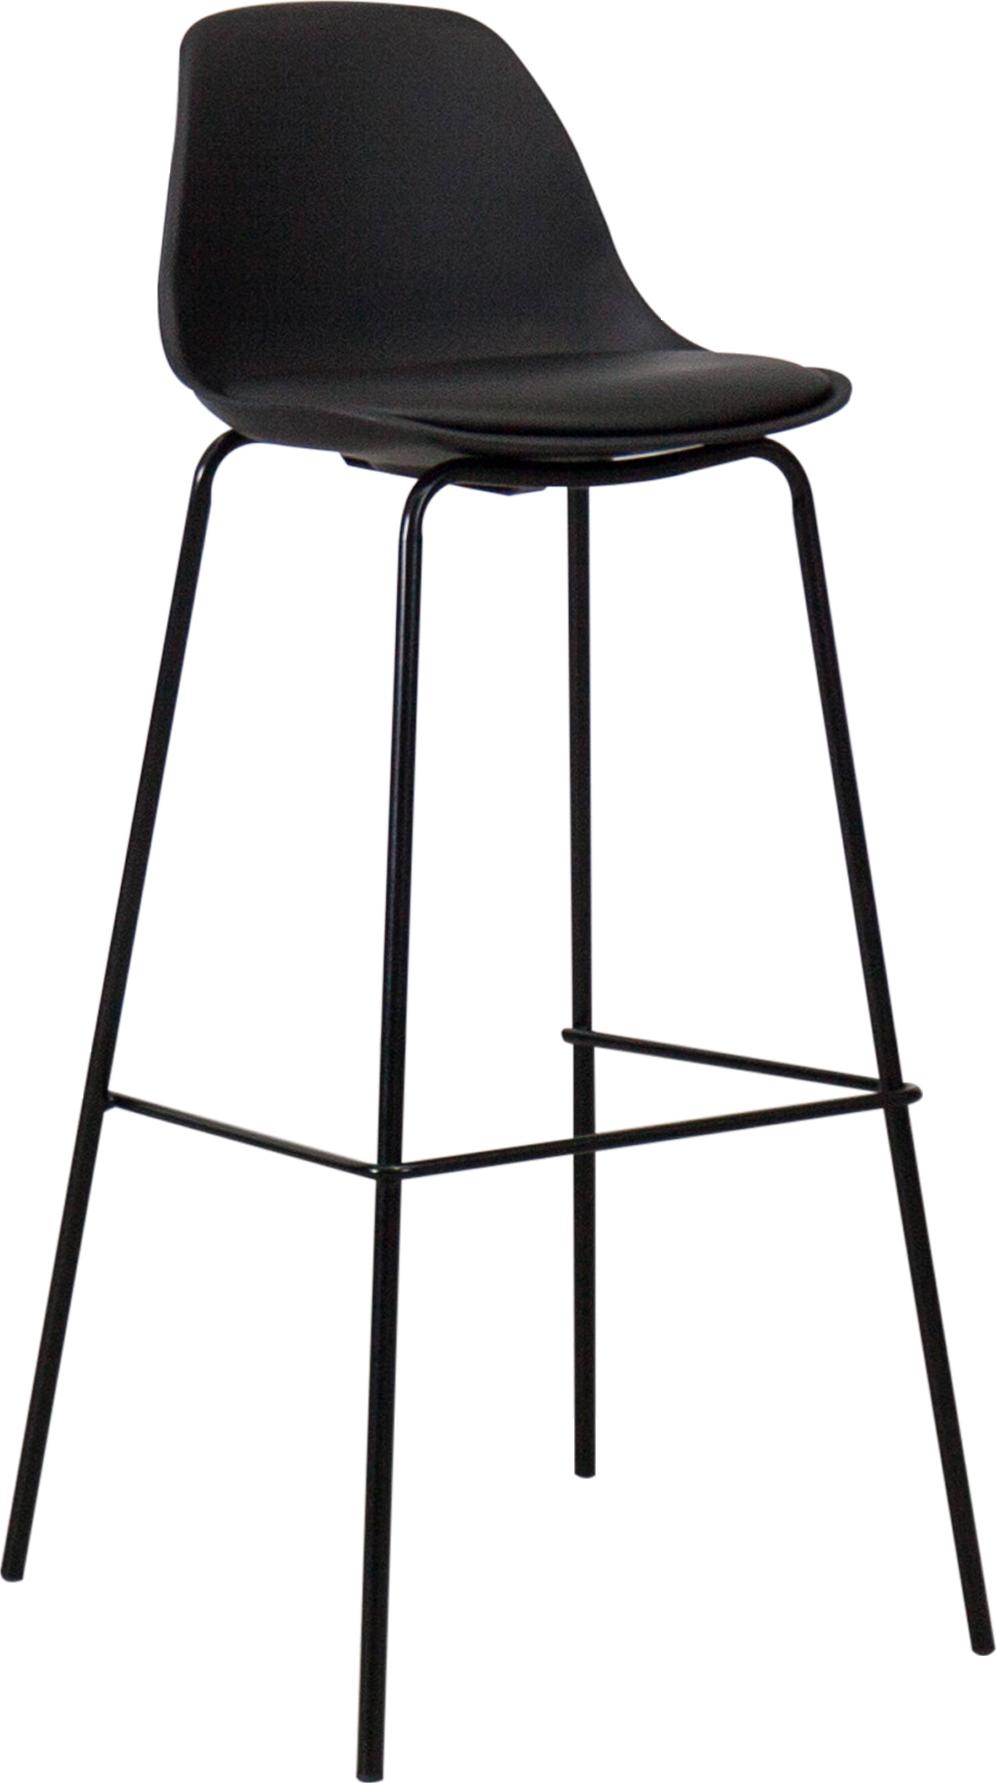 Atlas stool